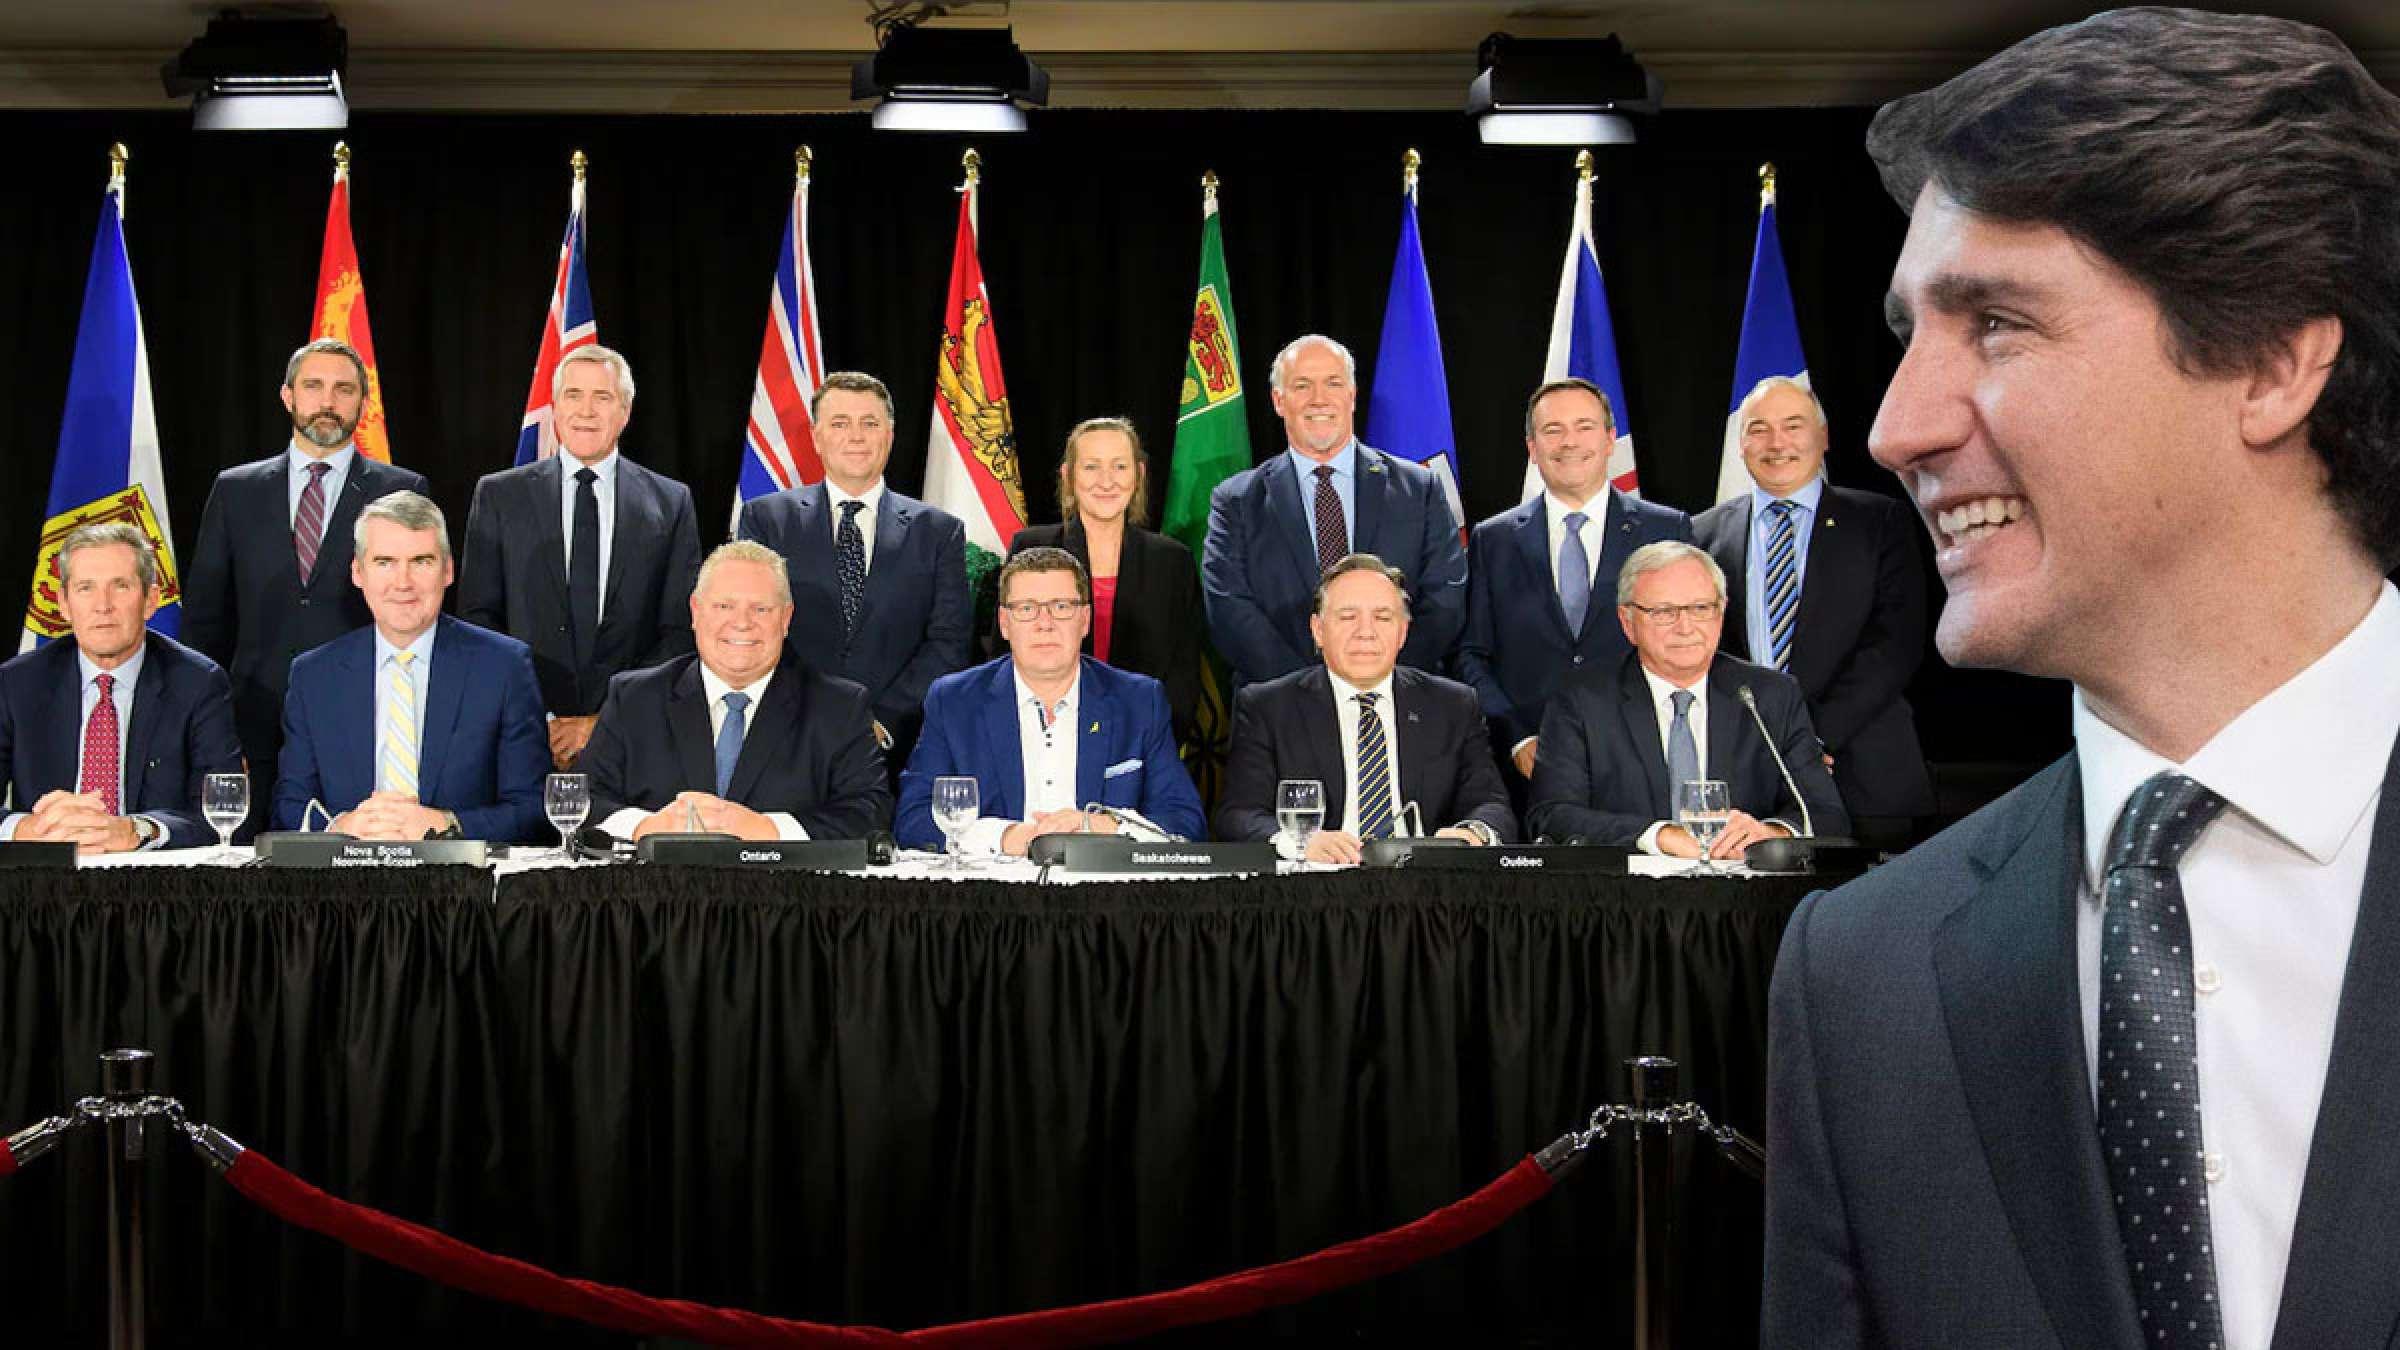 خبر-کانادا-نشت-اسناد-دولتی-ترودو-با-نخست-وزیران-درباره-واکسیناسیون-و-بایدن-دست-به-یکی-کرده-بودند